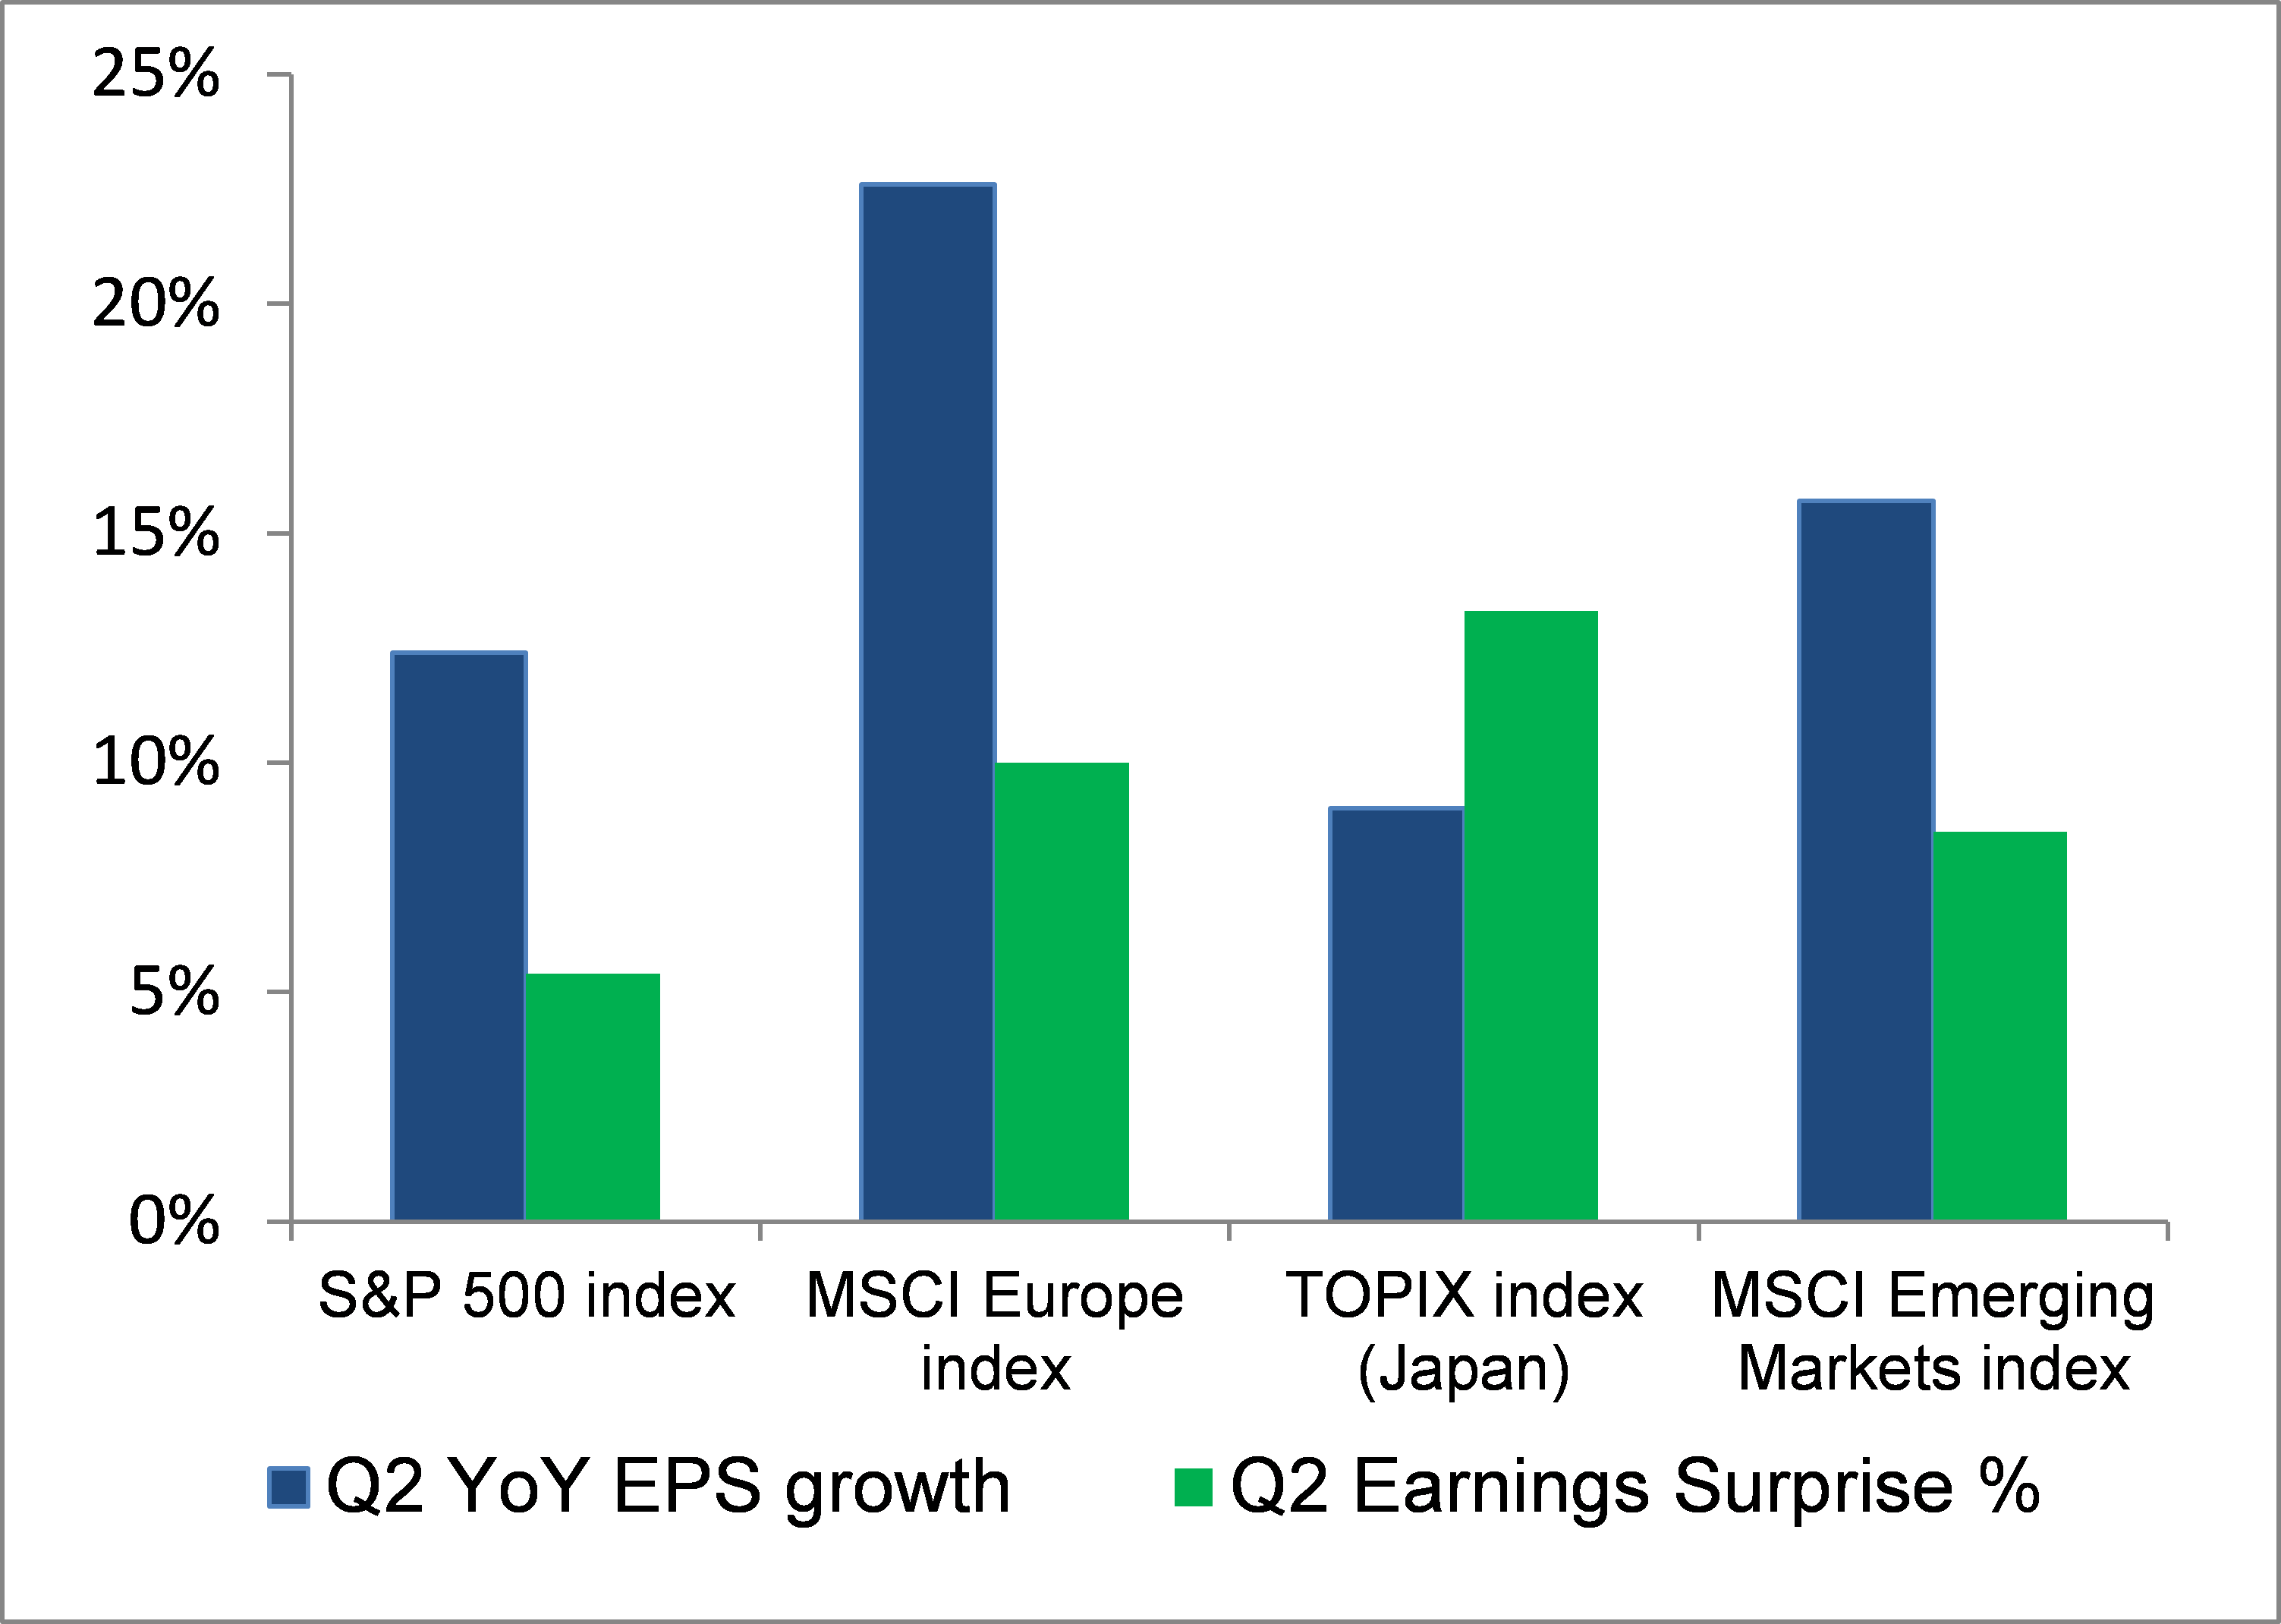 Q2 YoY EPS Growth